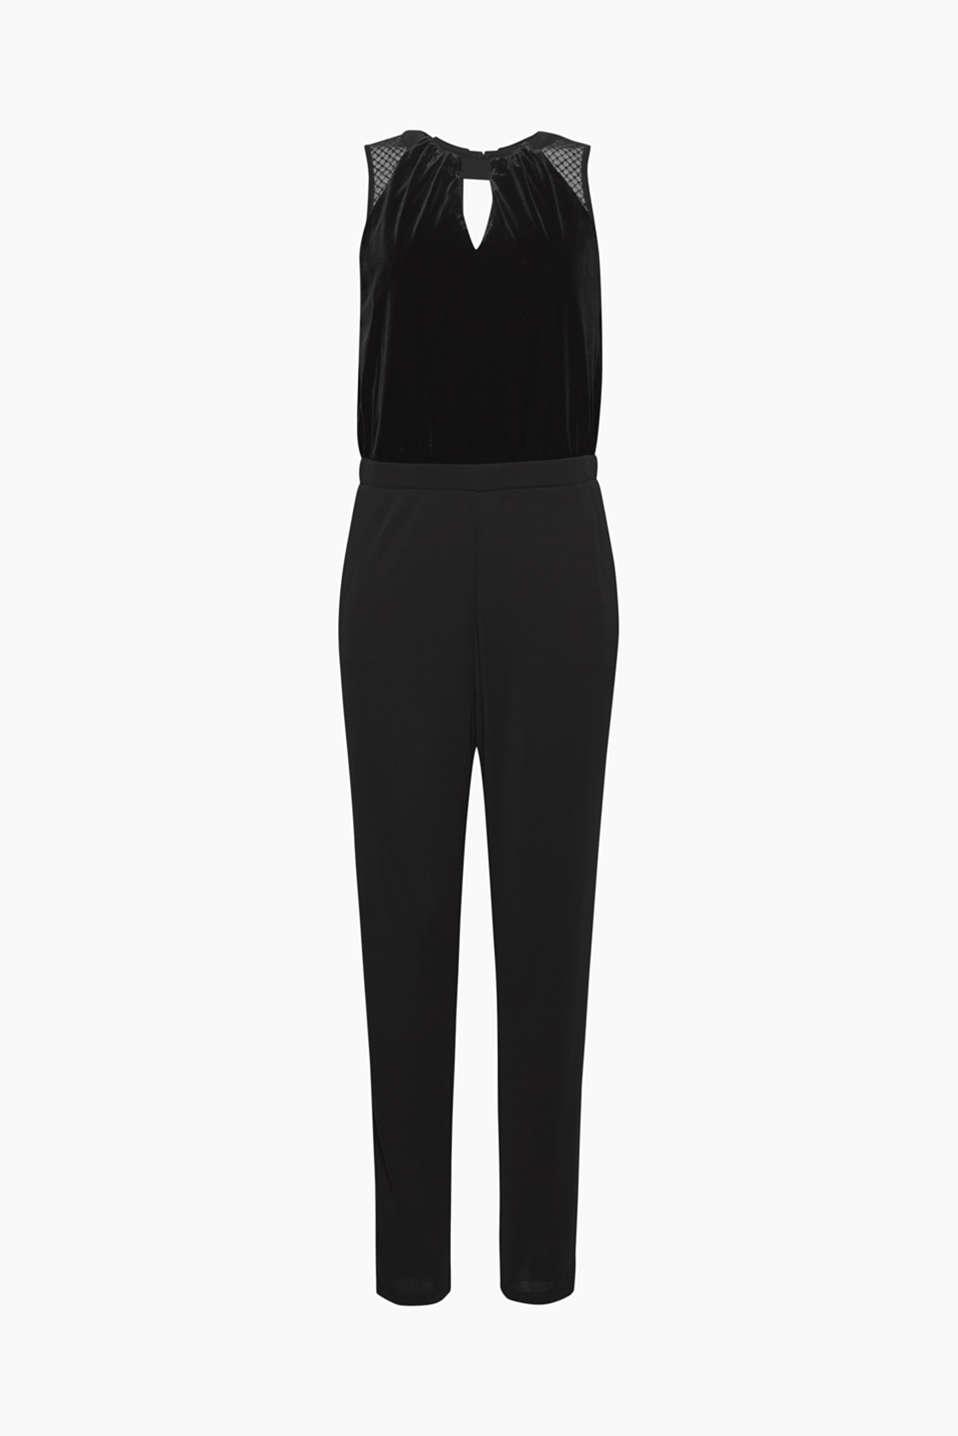 Ob partylike oder anlassbezogen: Dieser Jumpsuit aus Samt, Jersey und Spitze ist die Top-Alternative zum Cocktail-Kleid!